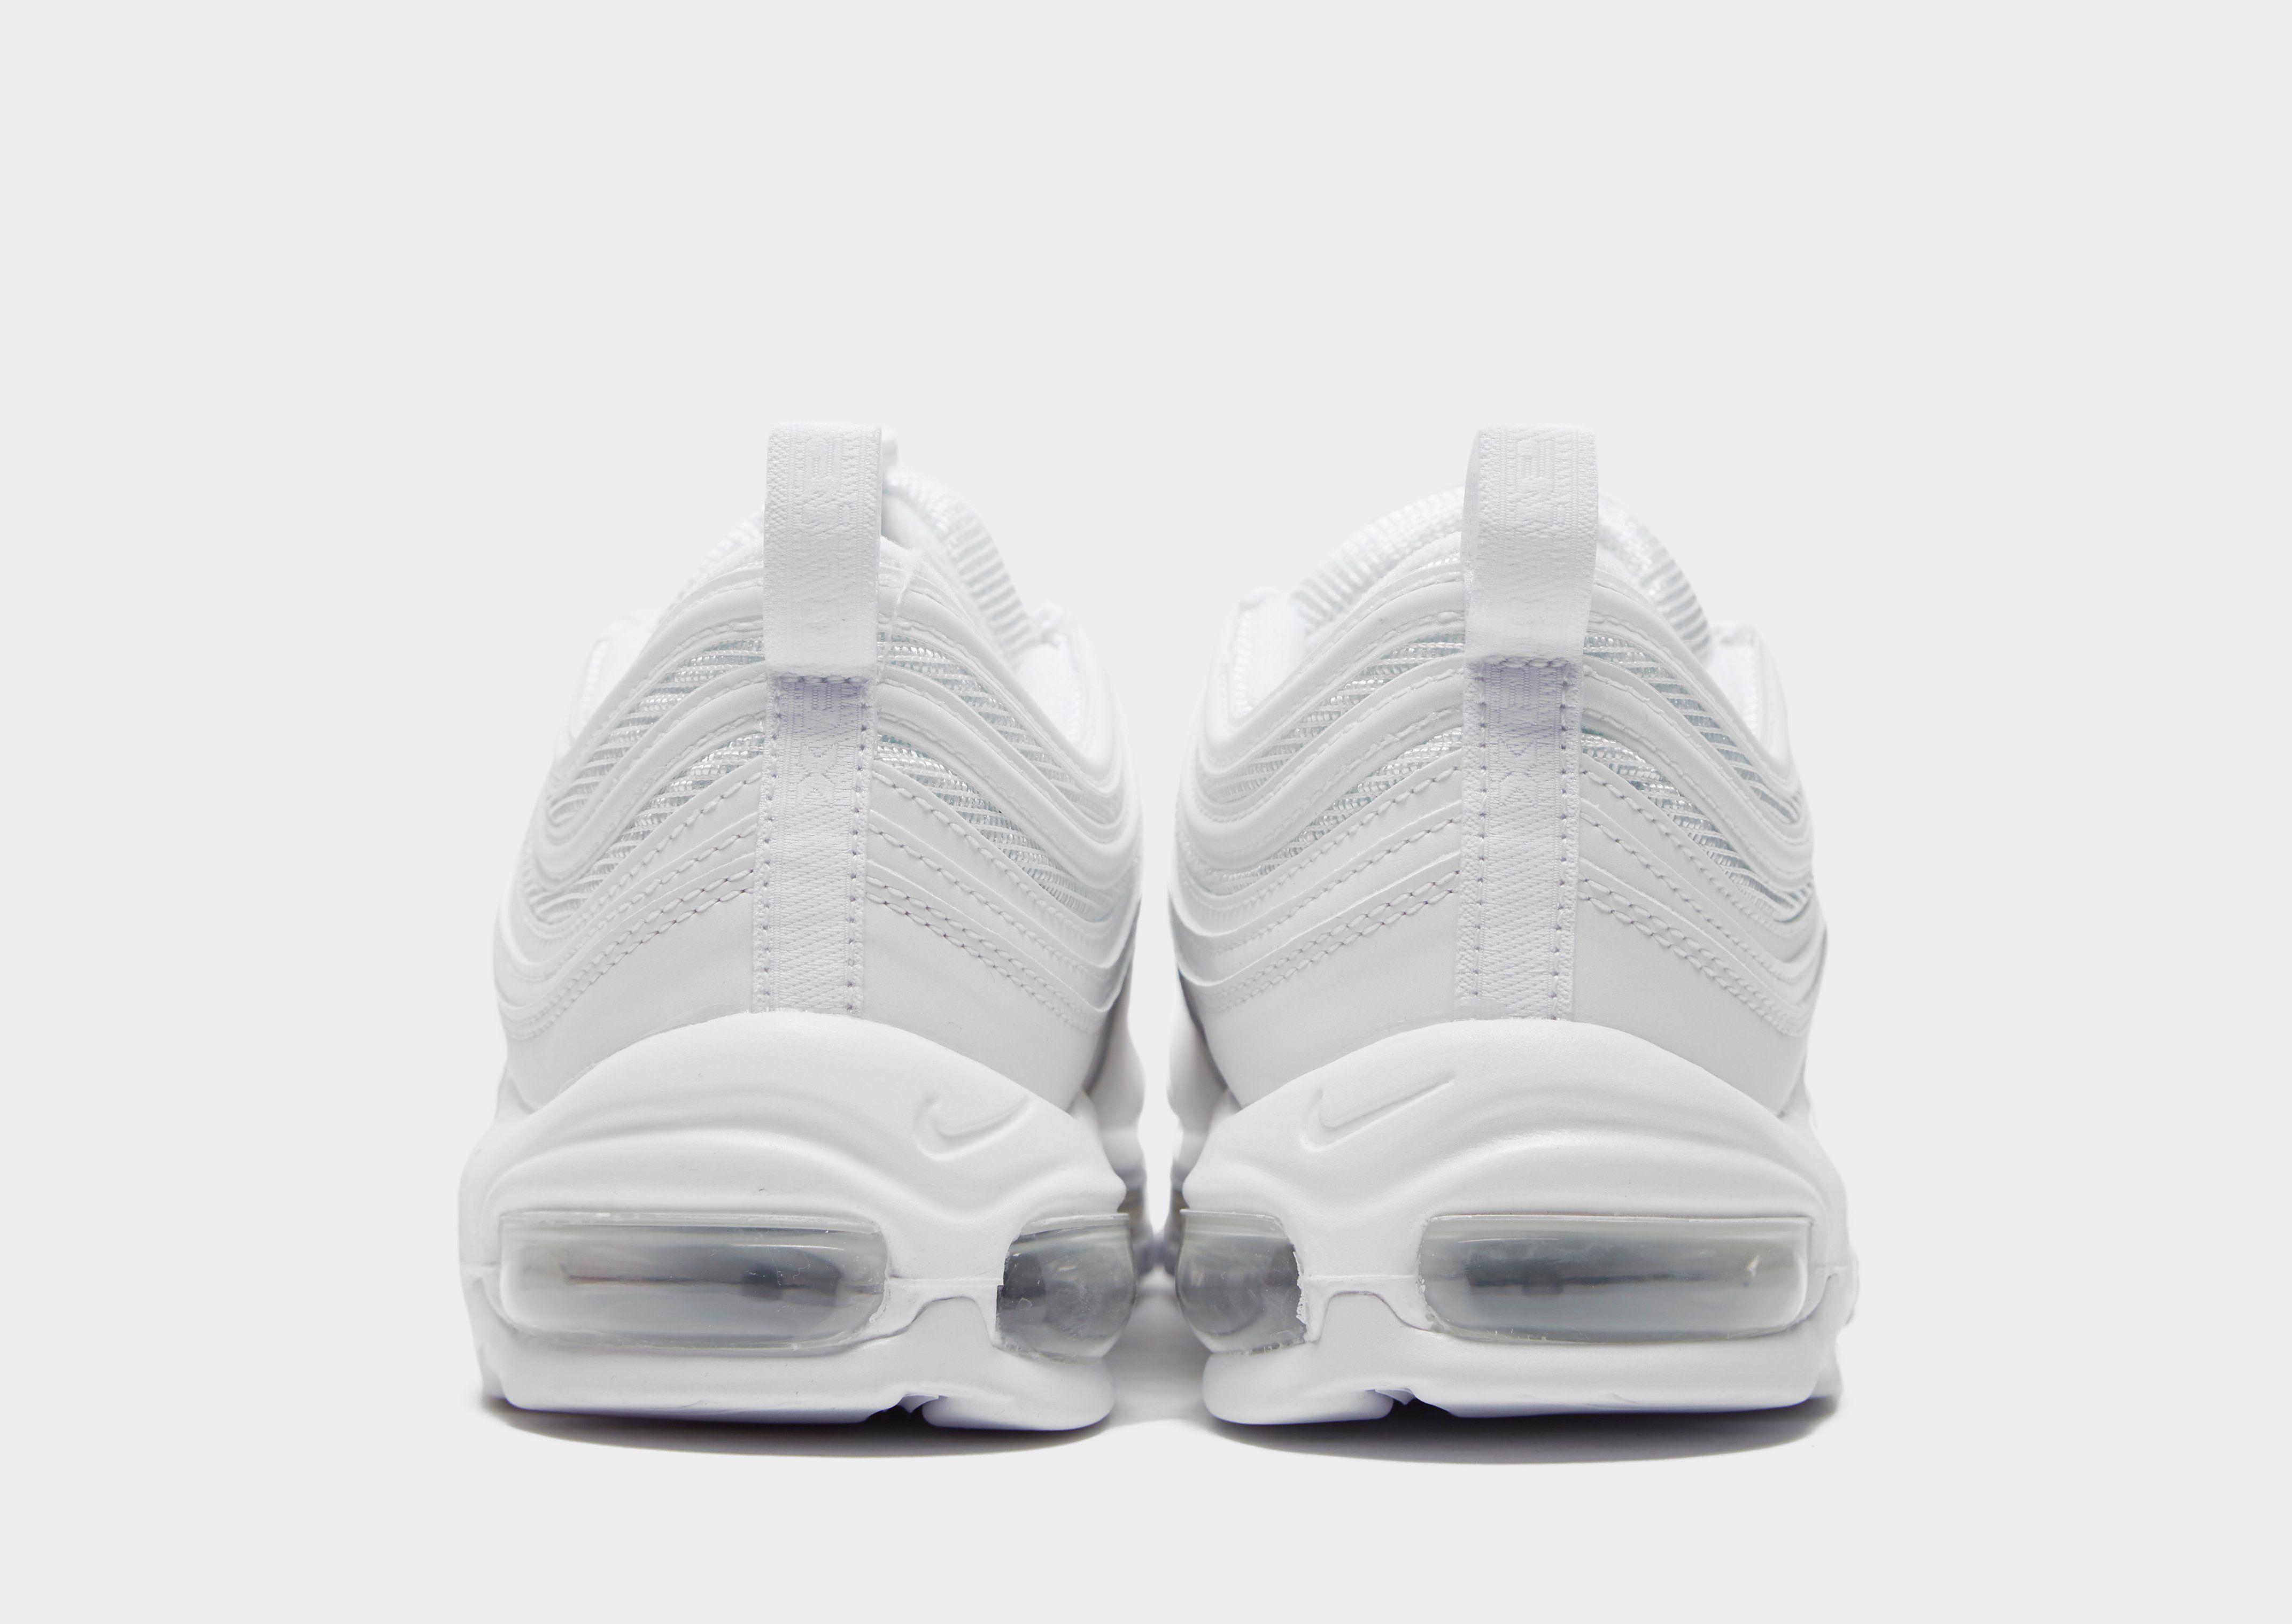 Nike Air Max 97 OG Herr